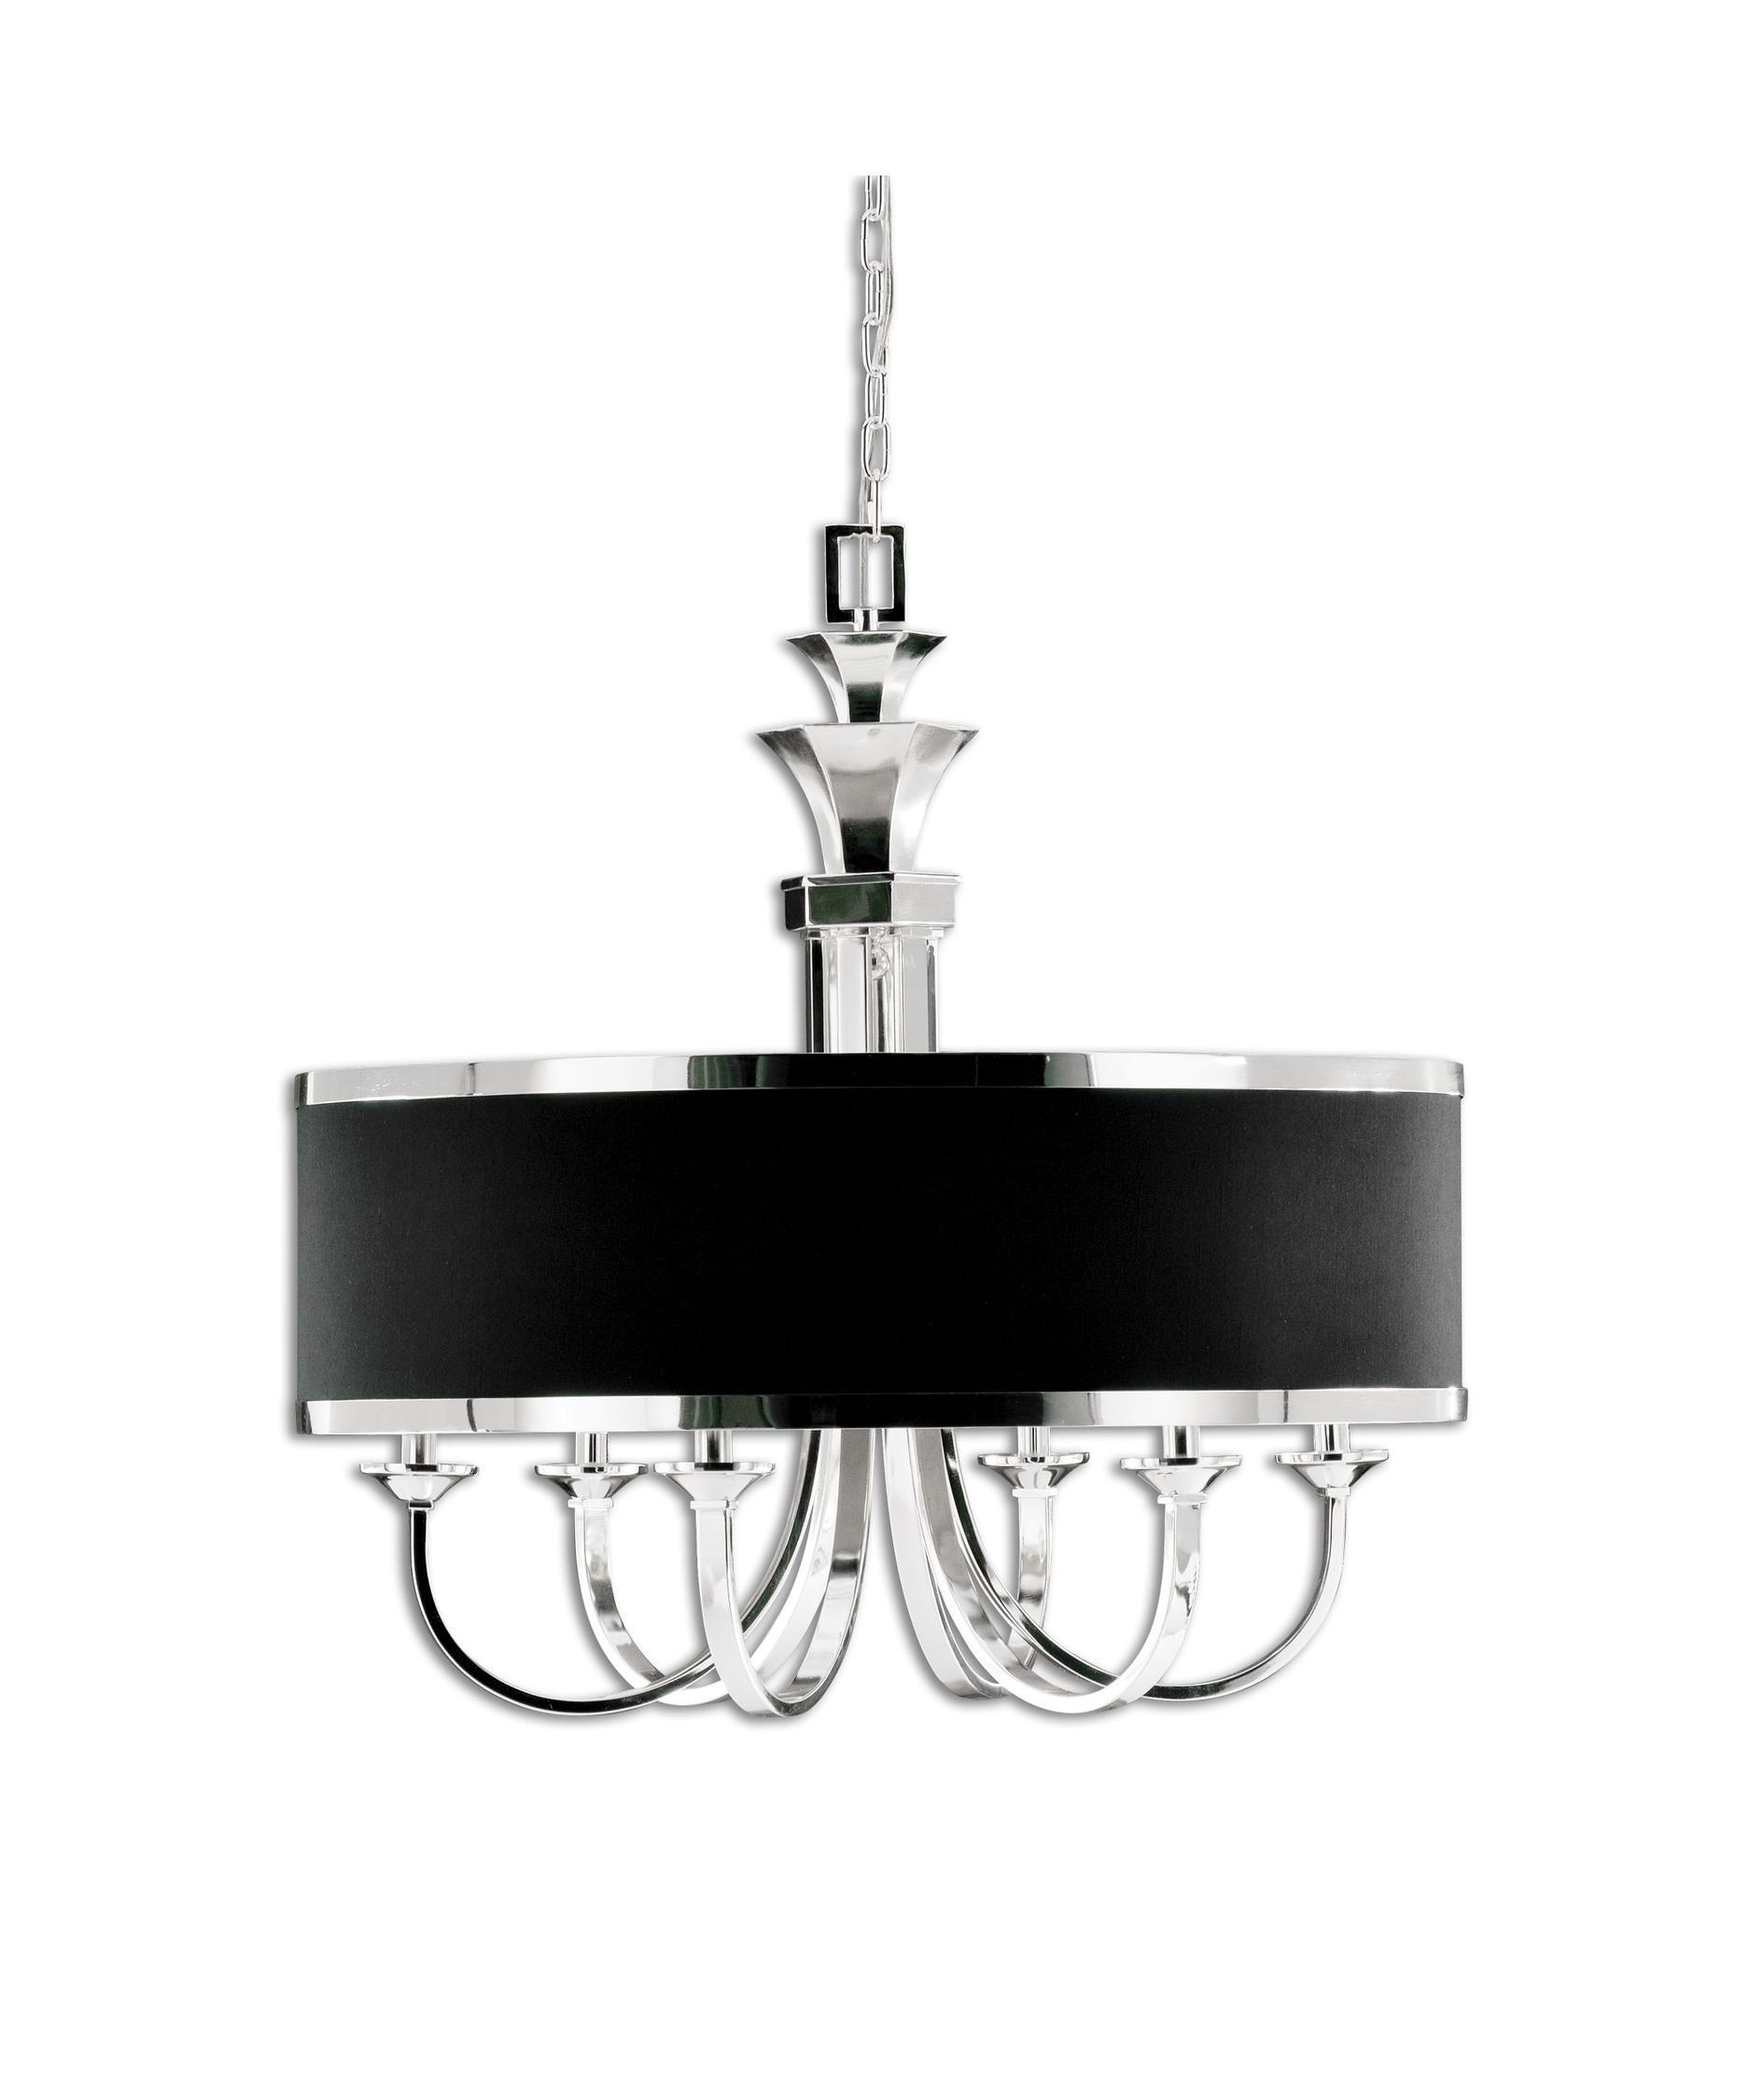 uttermost tuxedo 28 inch wide 6 light chandelier capitol lighting - Uttermost Lighting